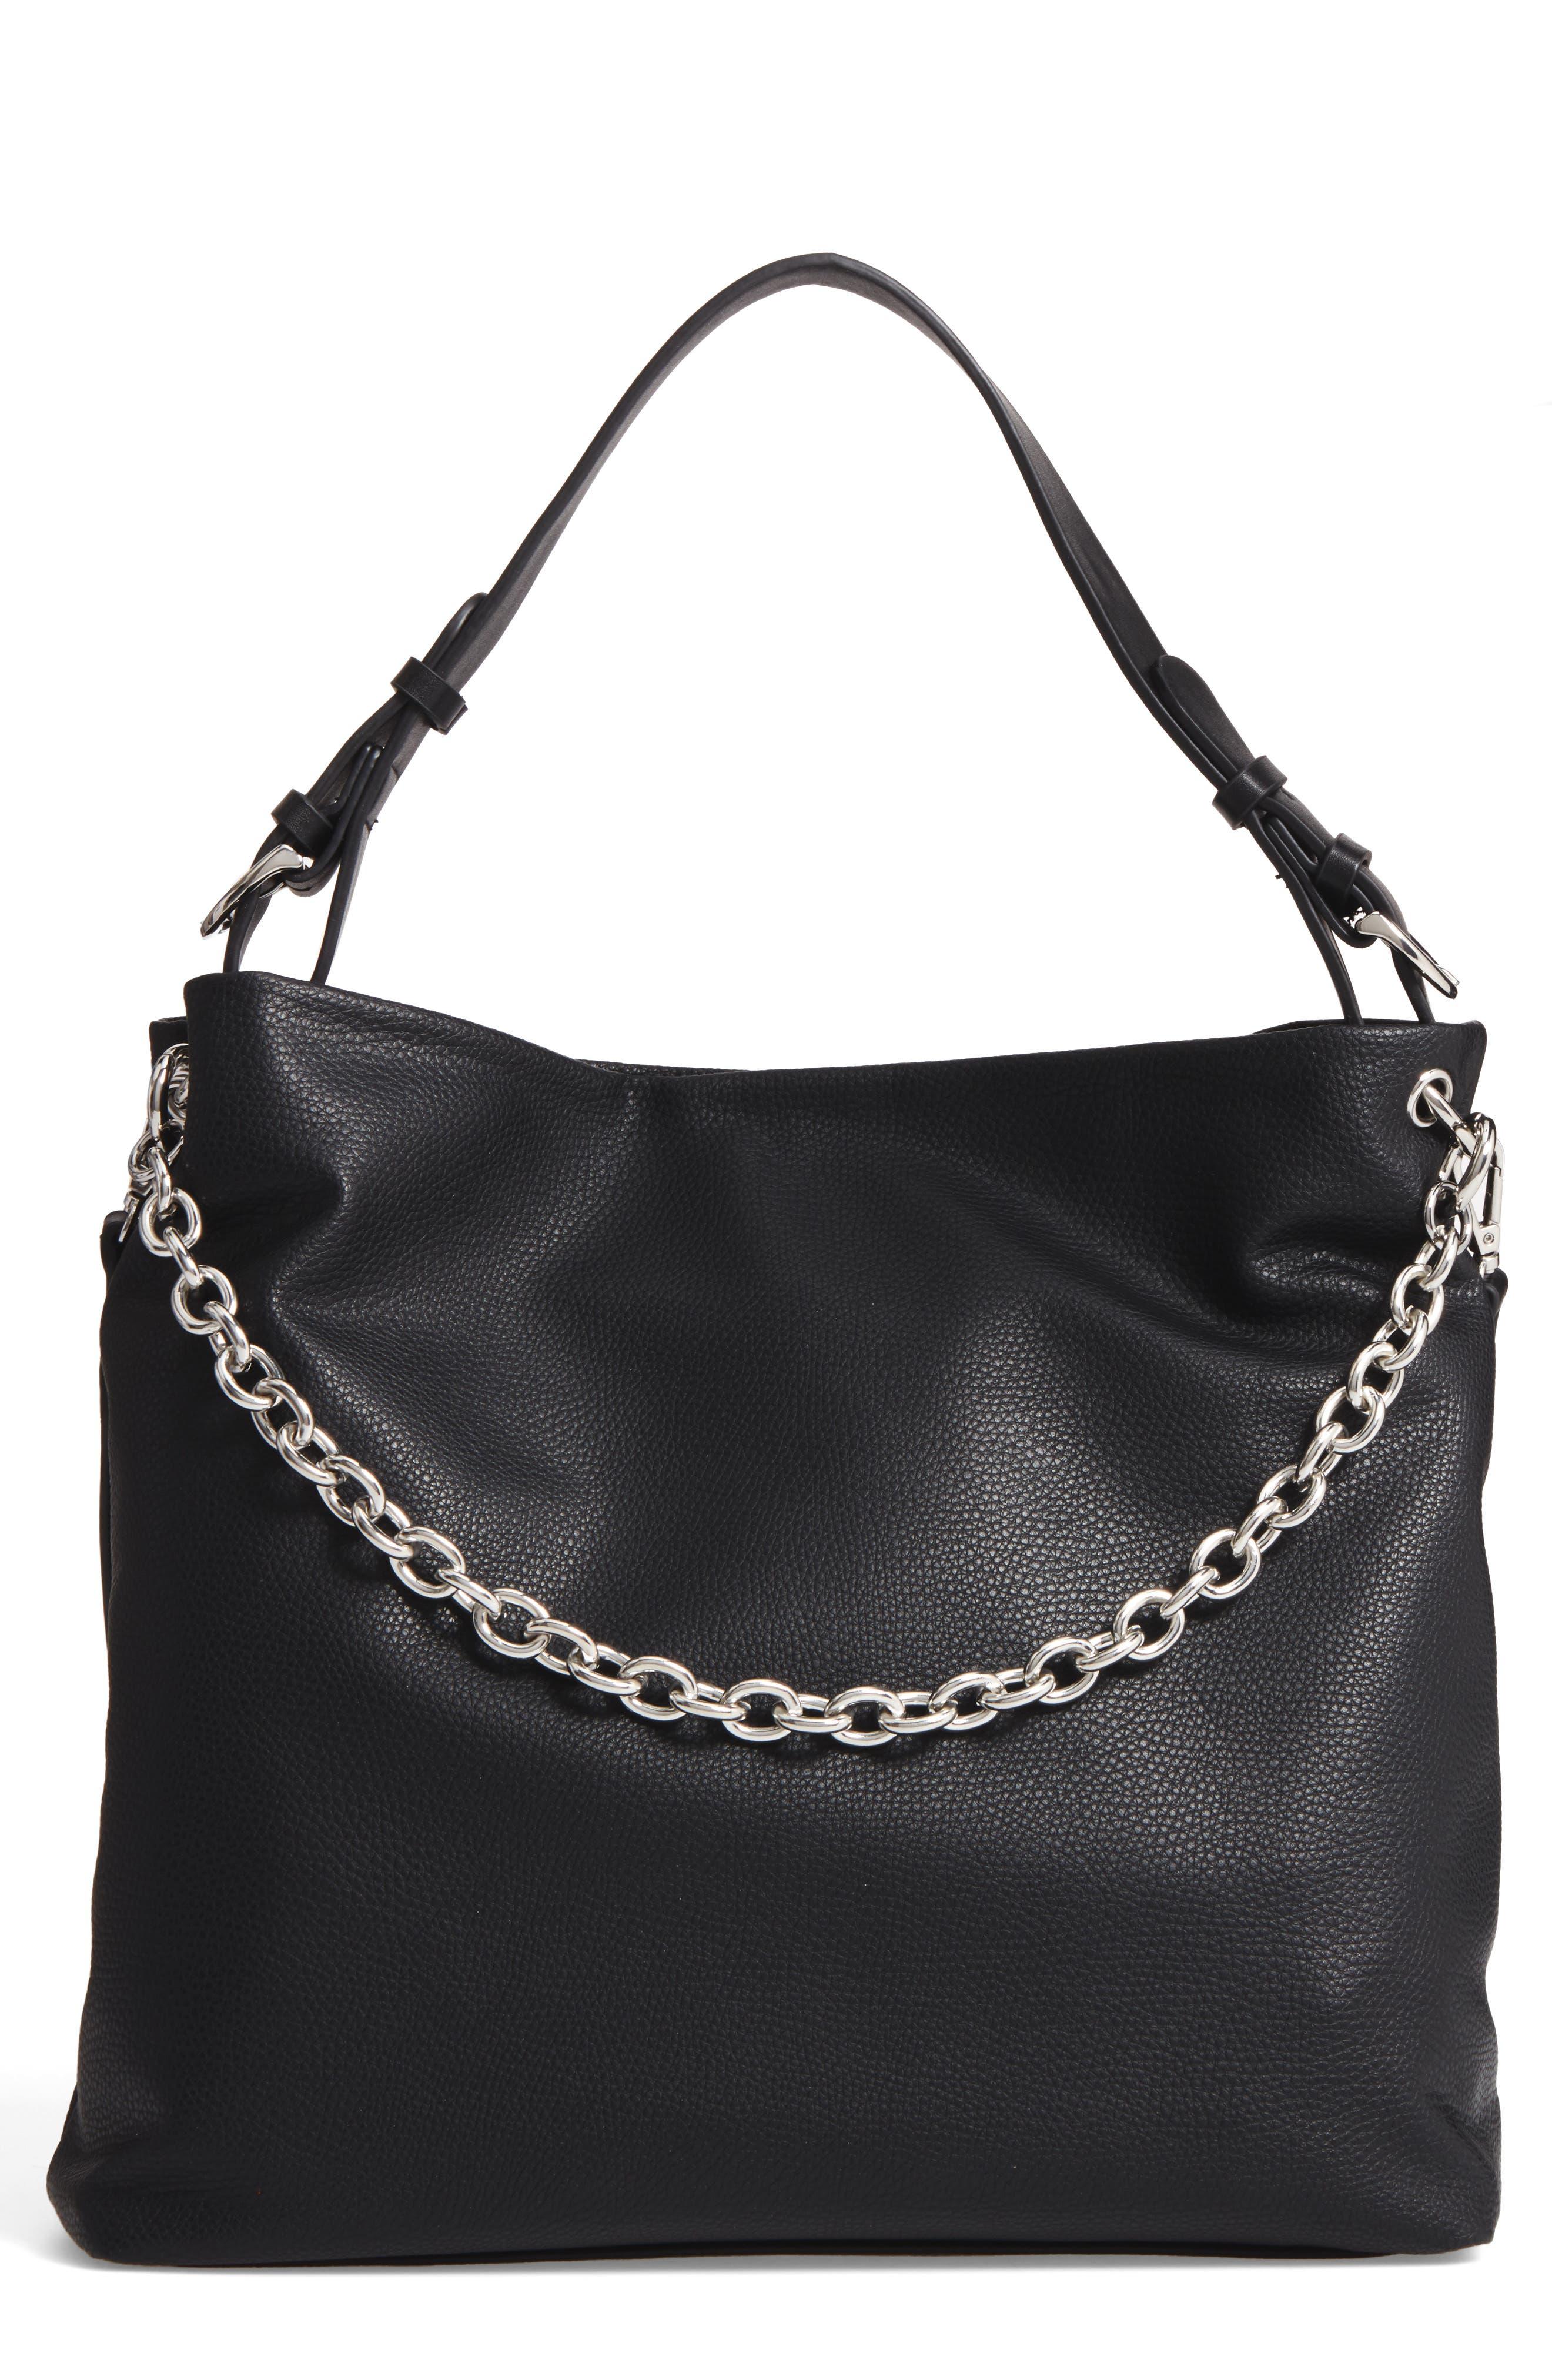 Taylor Faux Leather Shoulder Bag,                             Main thumbnail 1, color,